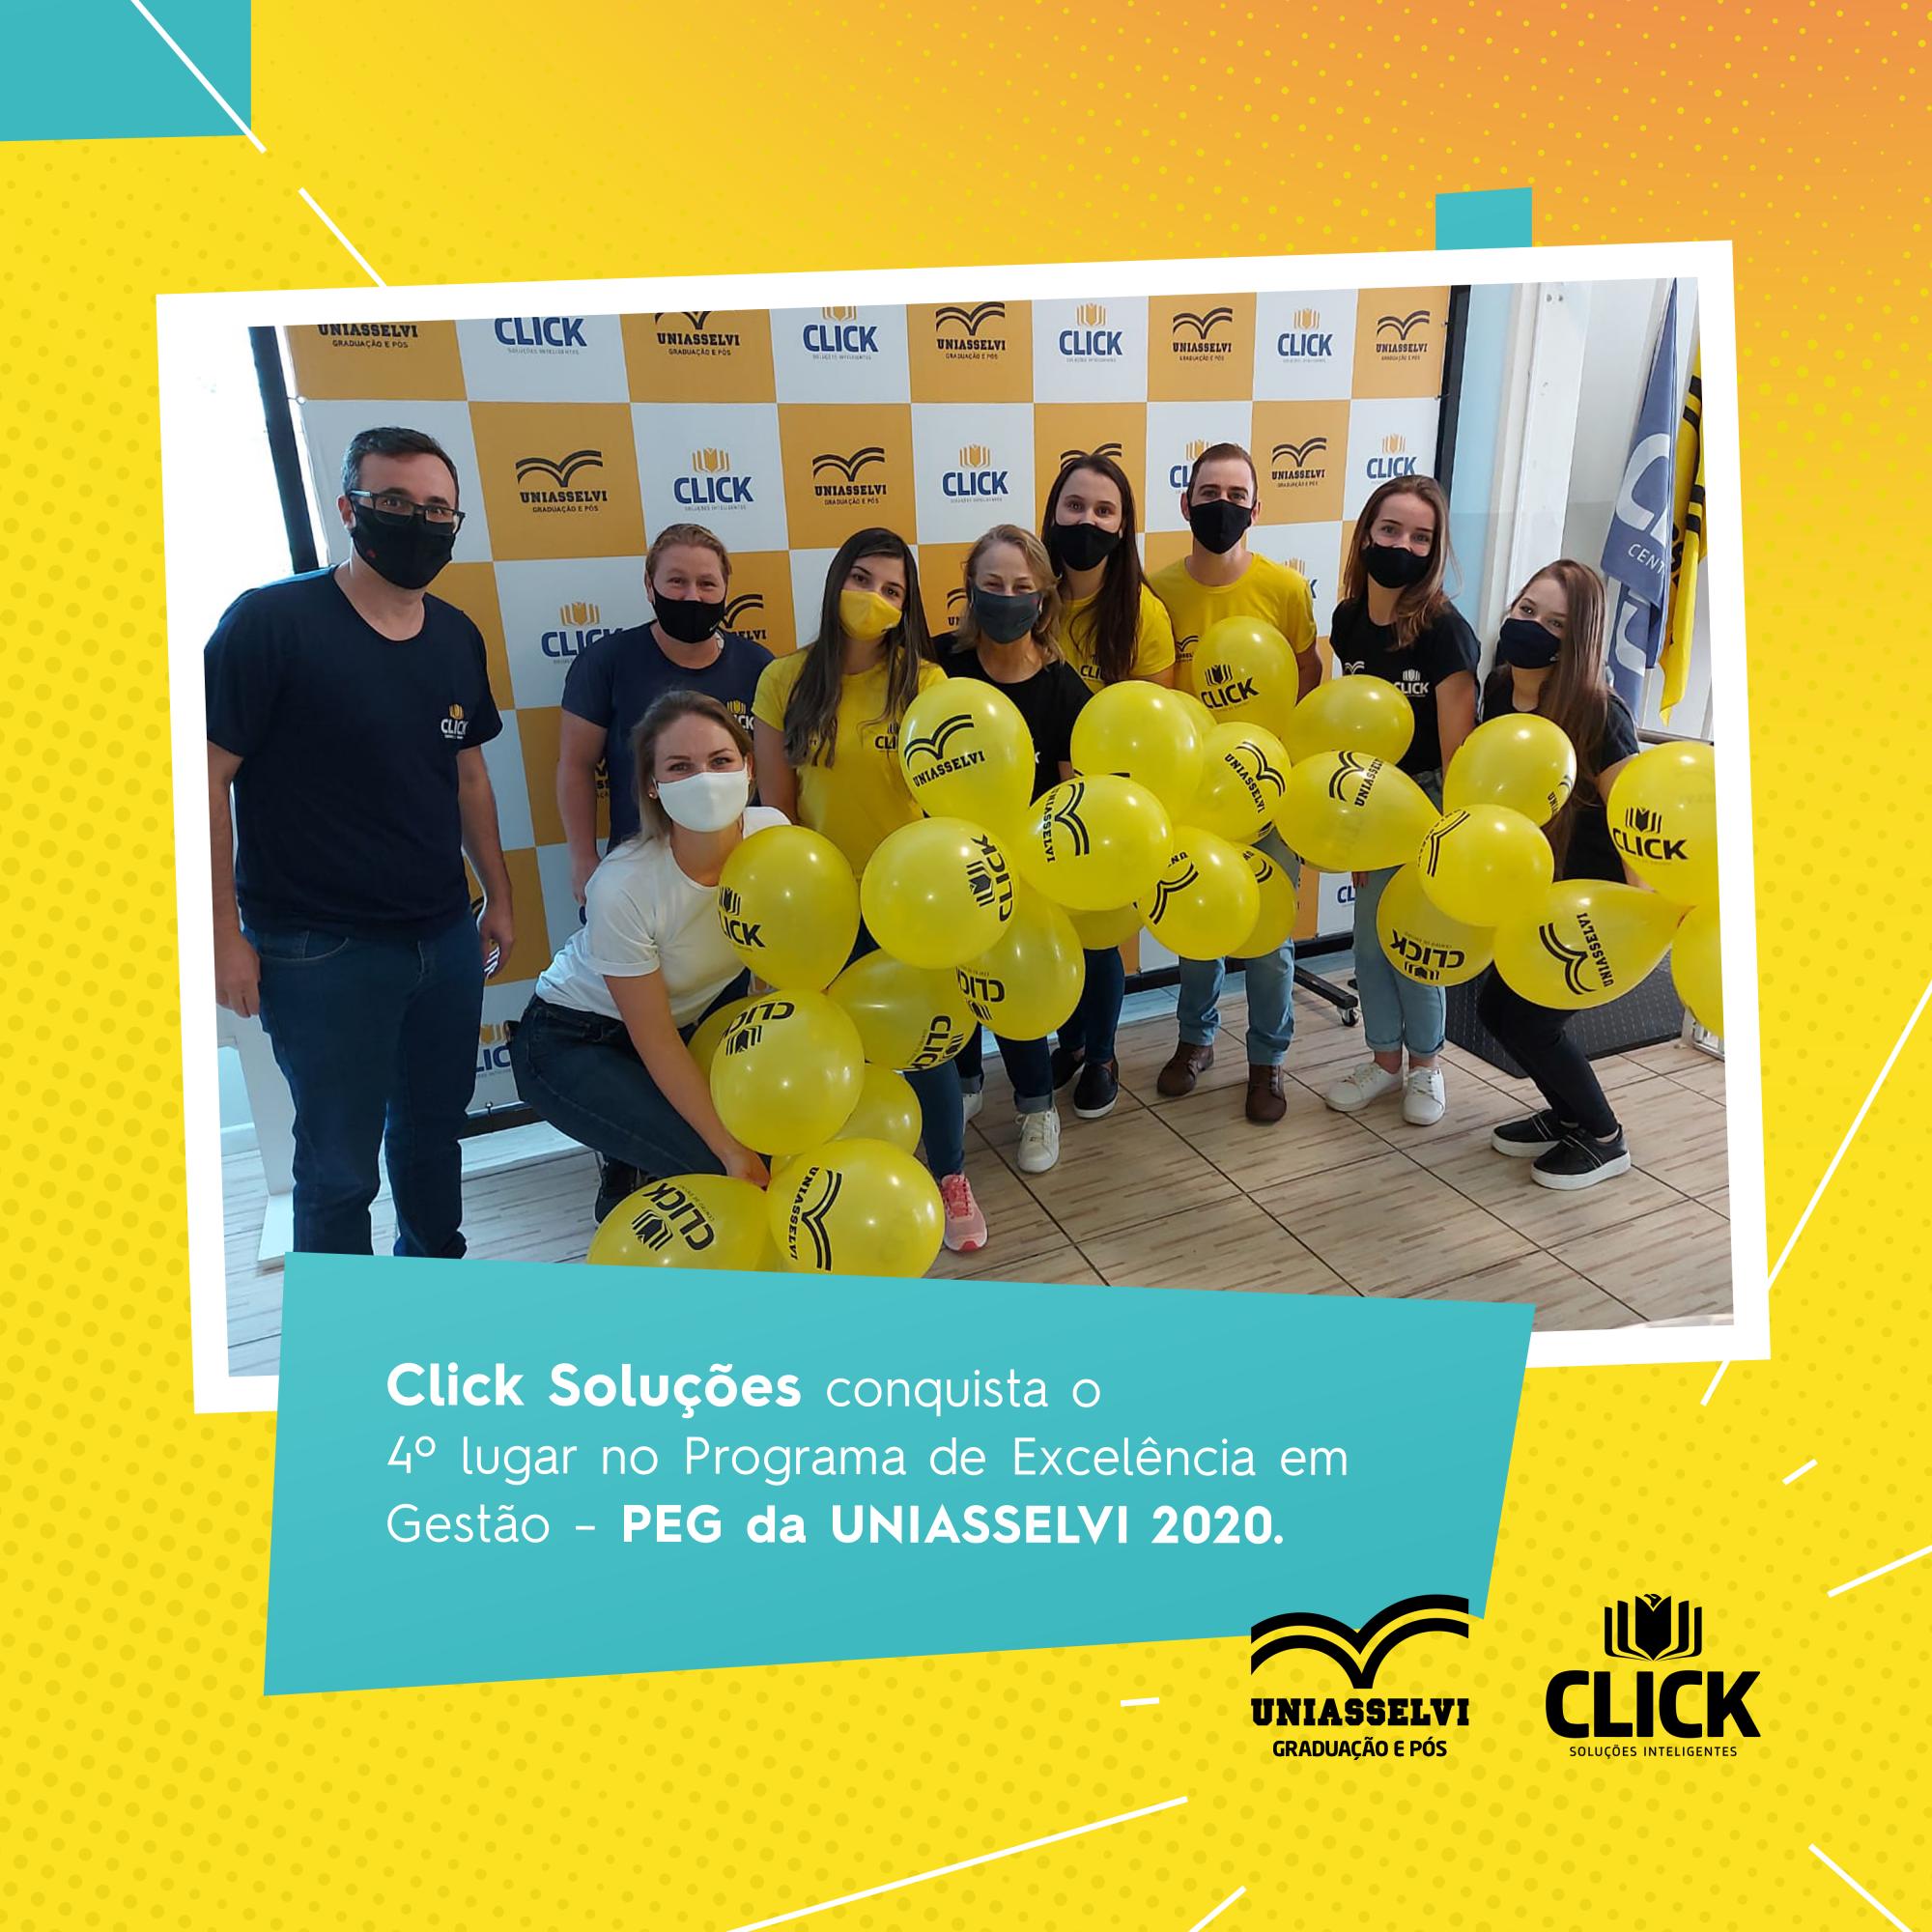 Click Soluções conquista o 4º lugar no Programa de Excelência em Gestão – PEG da UNIASSELVI 2020.